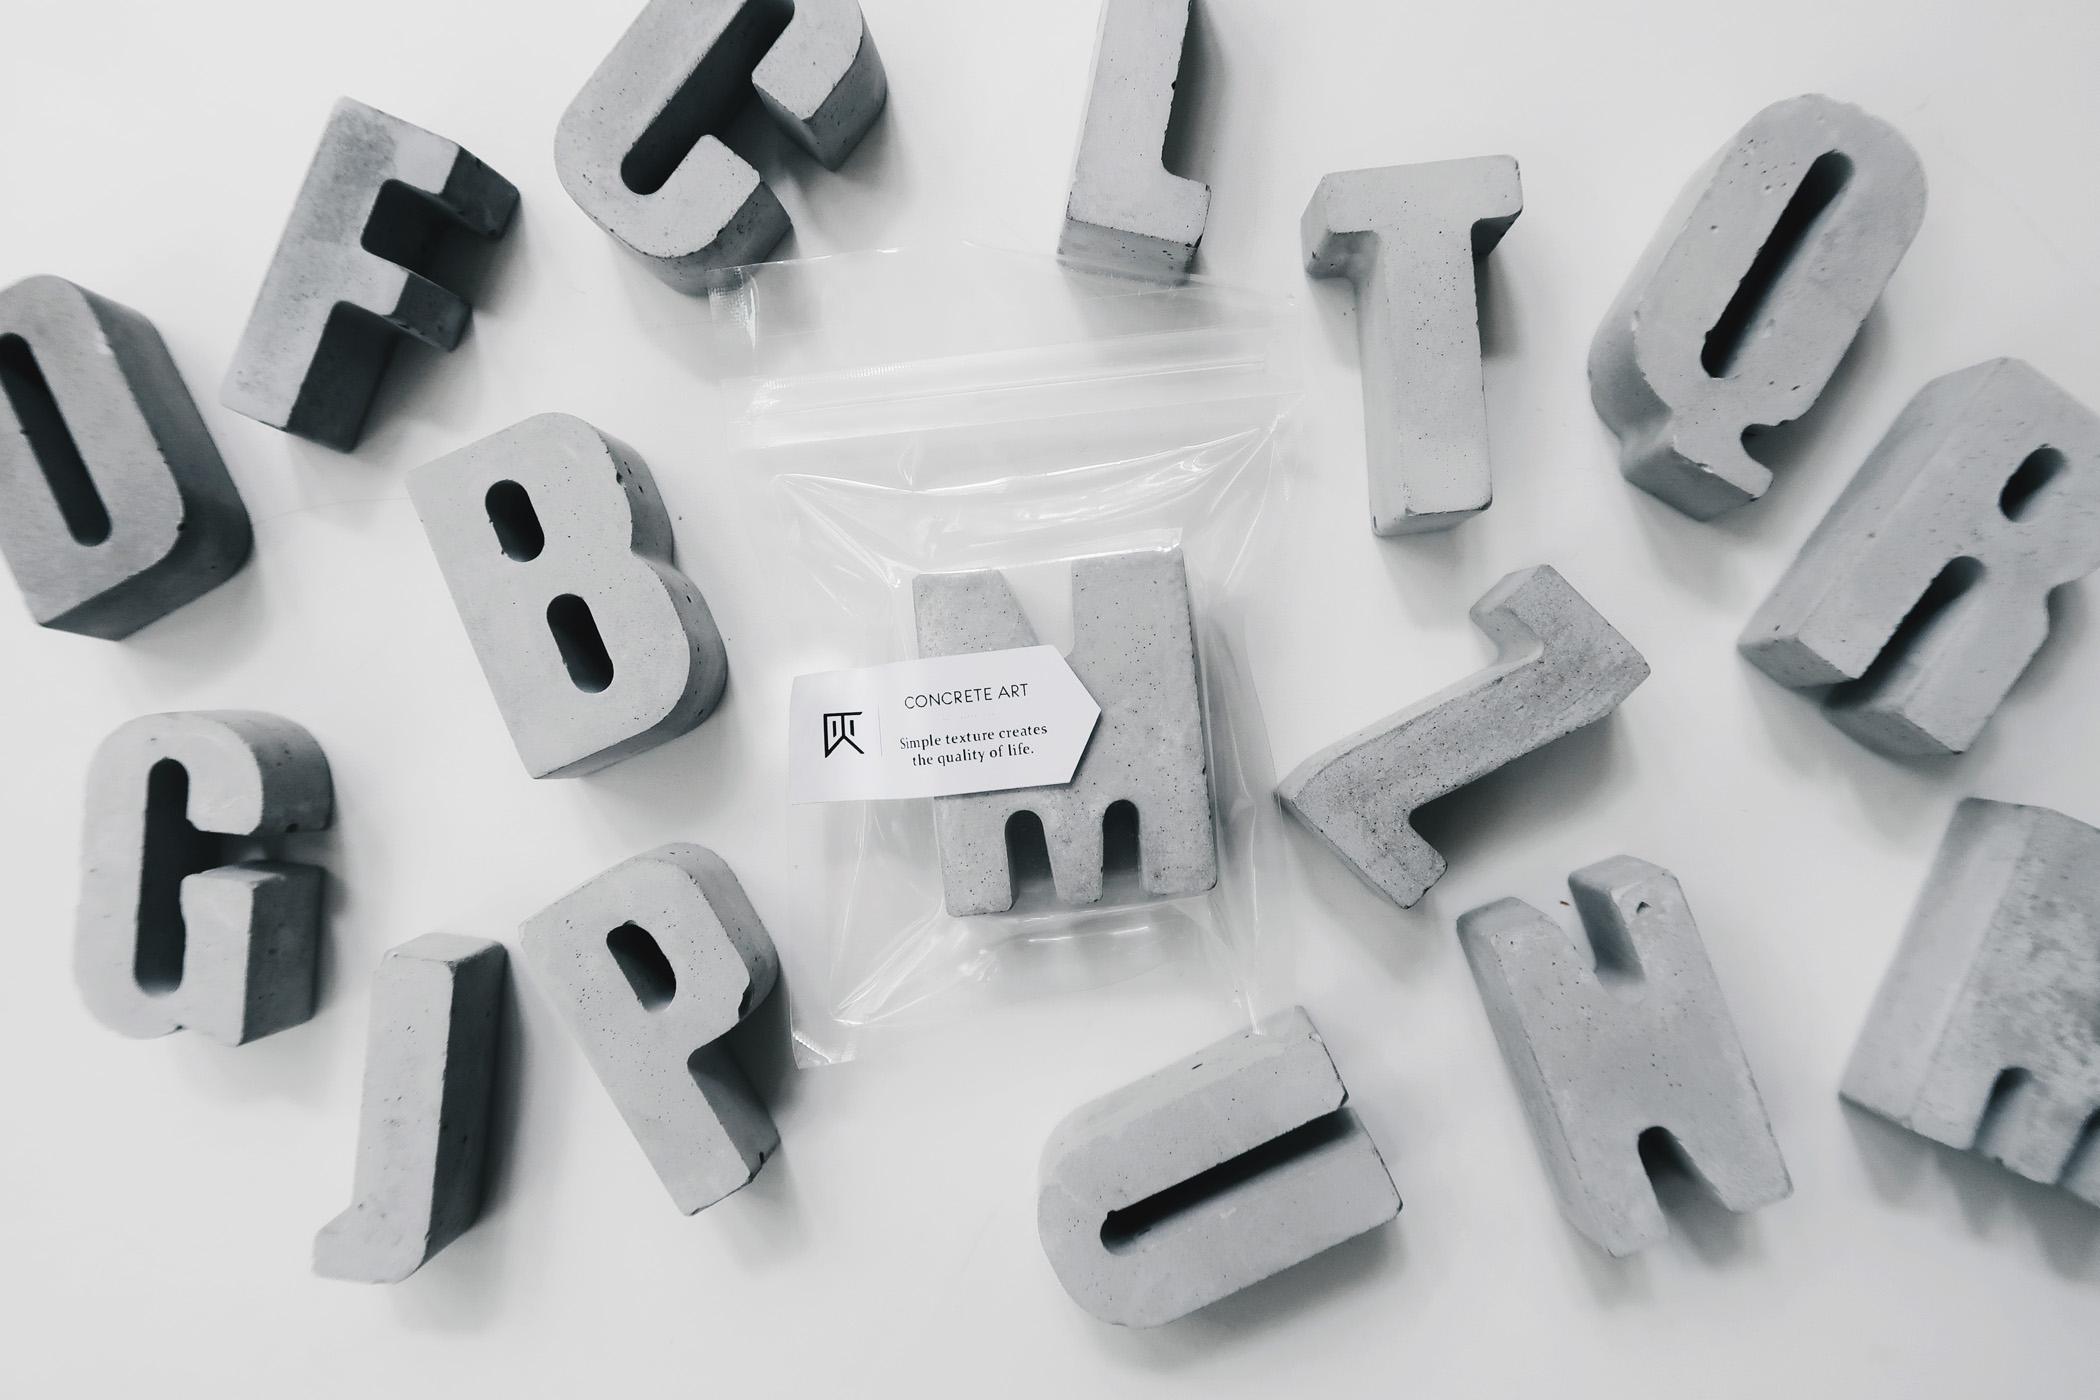 letterTopbanner.jpg